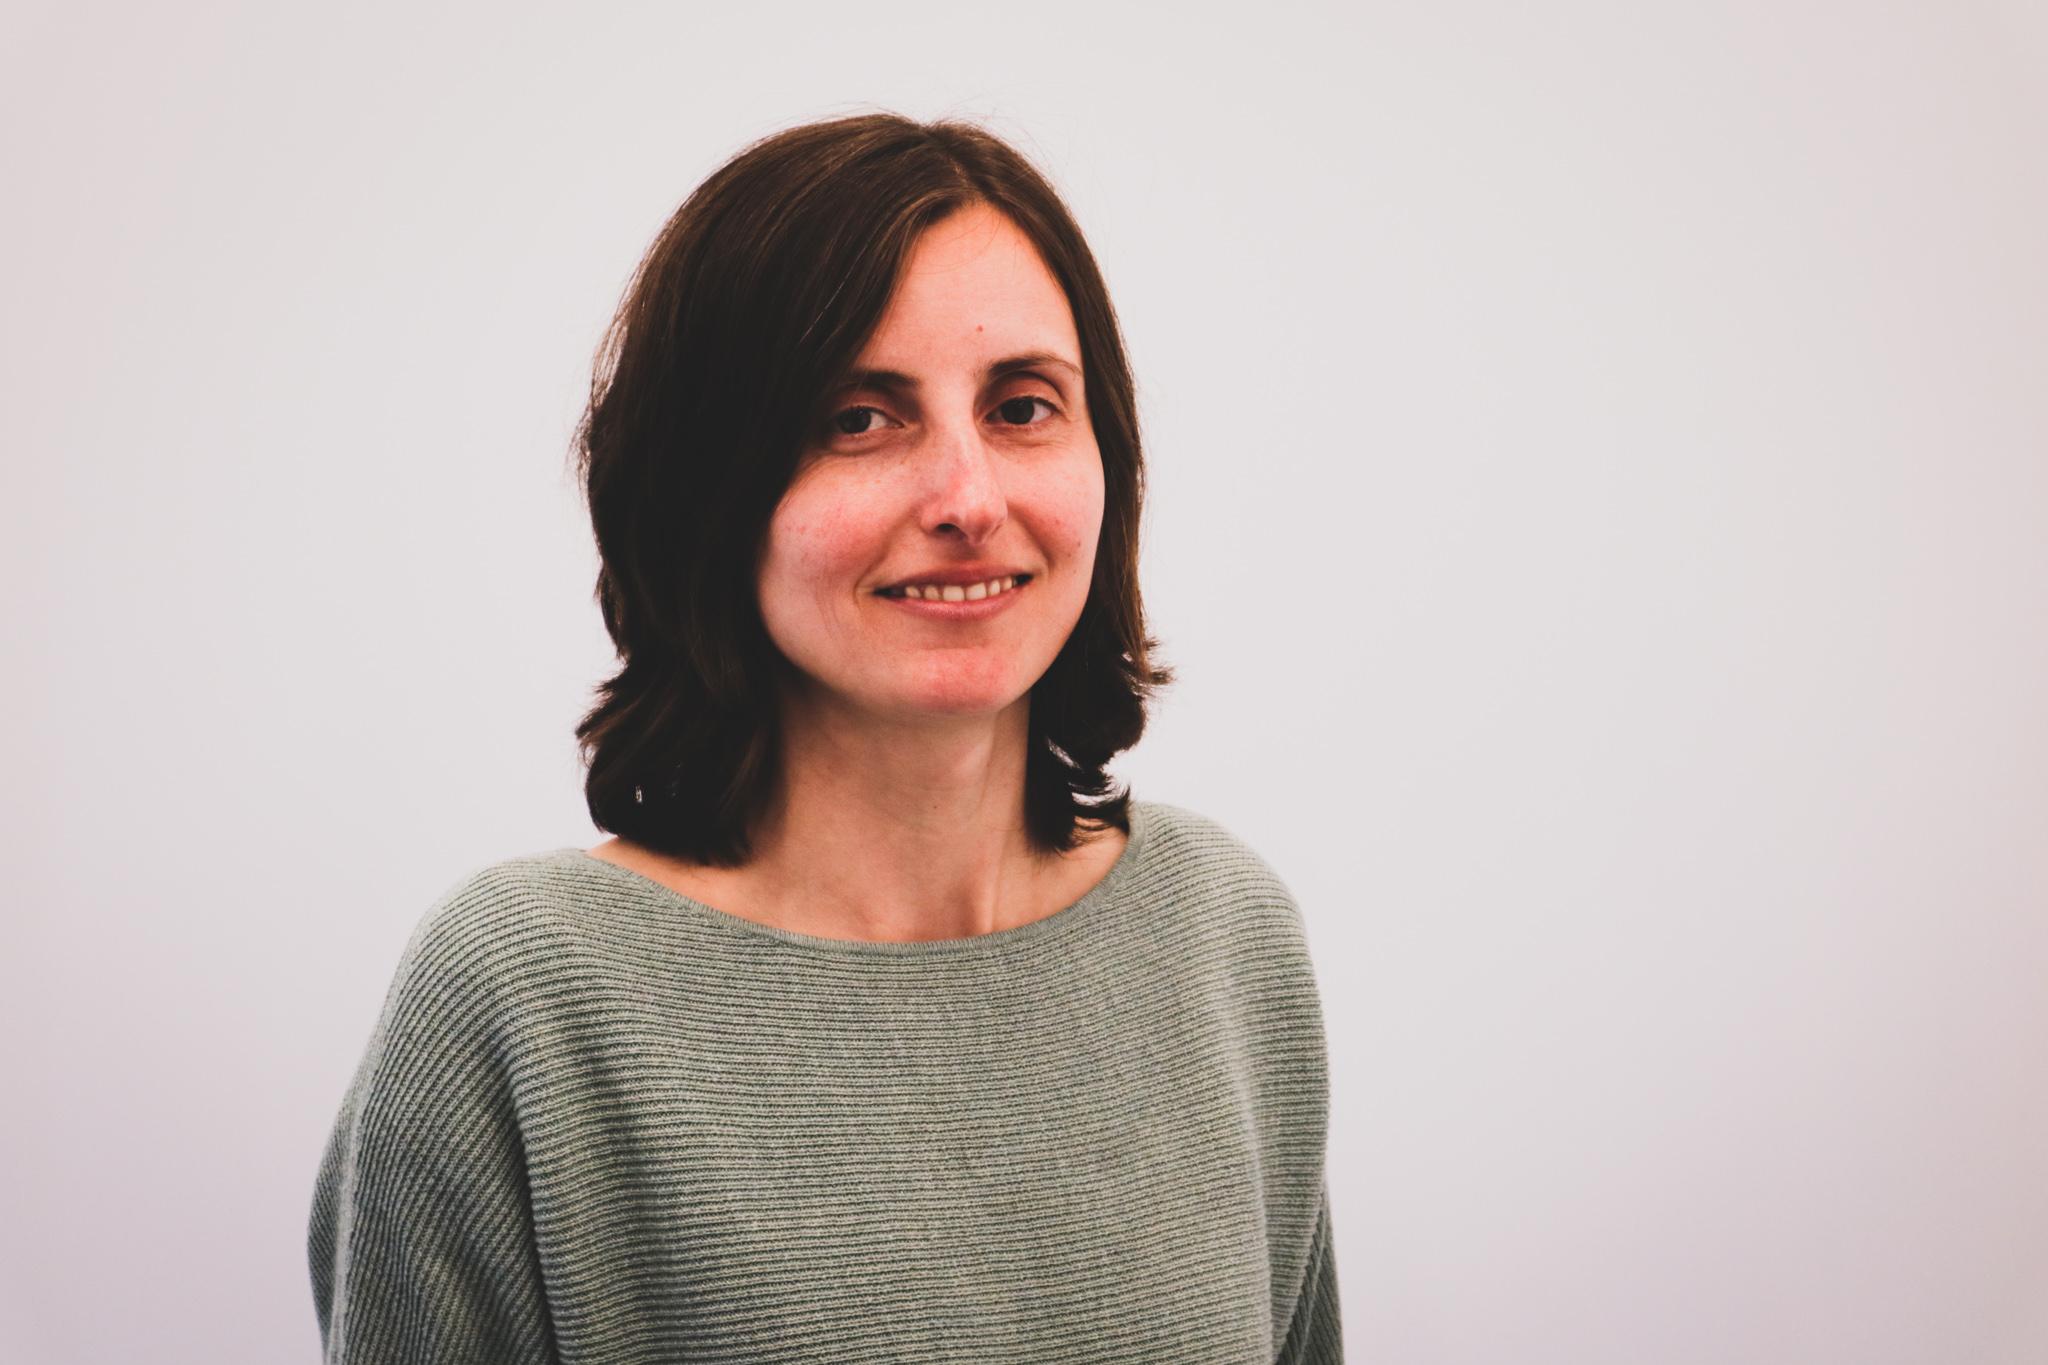 Sarah Luyten